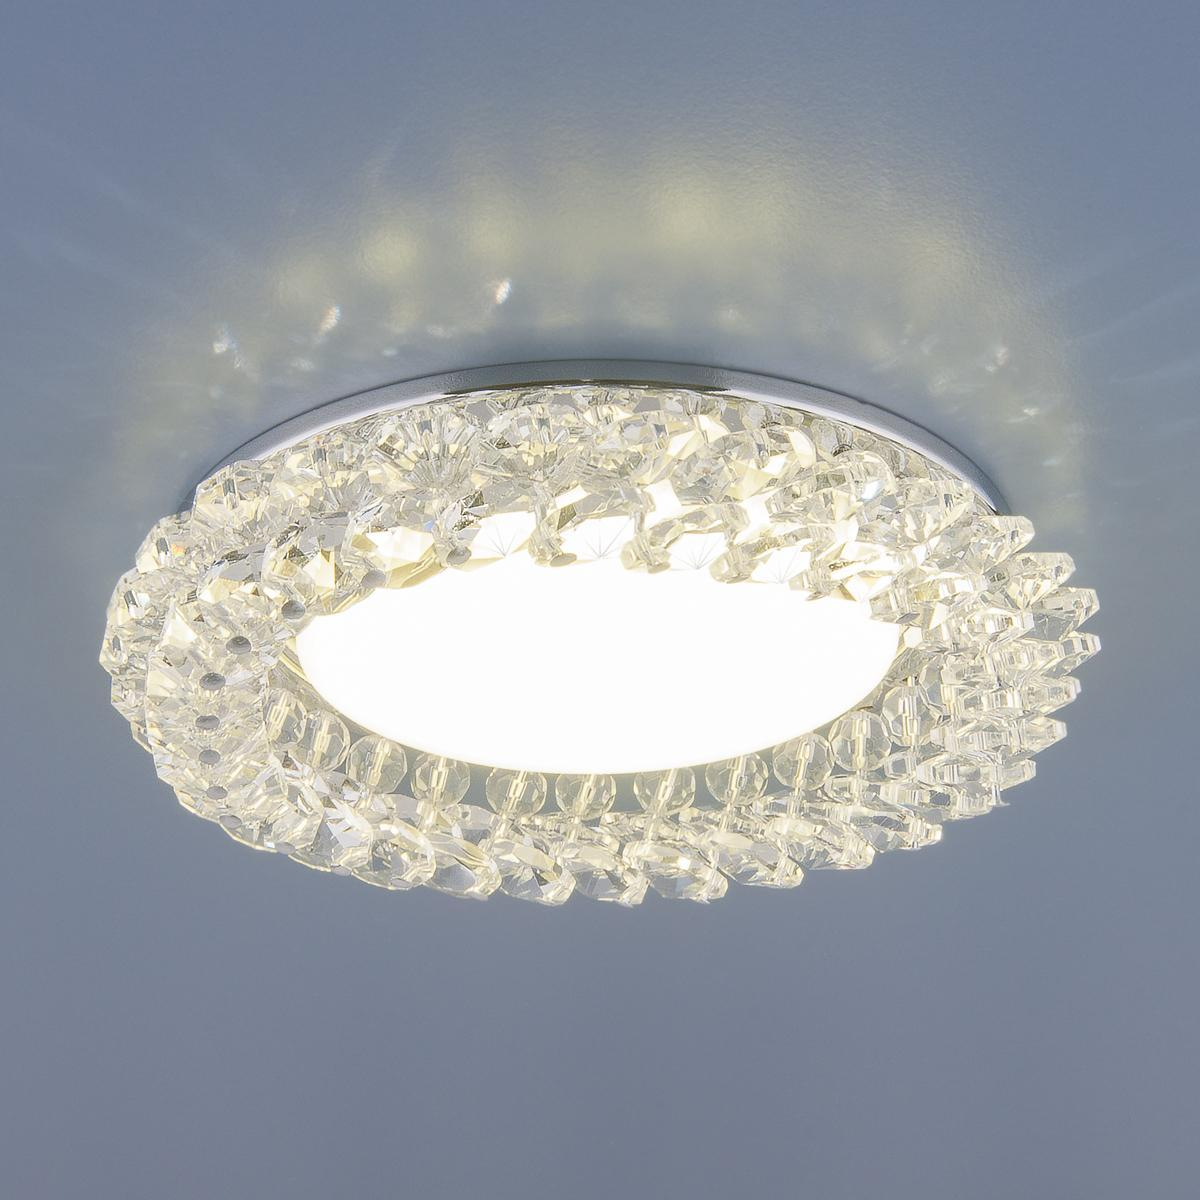 Встраиваемый светильник Elektrostandard 1063 GX53 CH/CL хром/прозрачный 4690389075667 встраиваемый светильник elektrostandard 1035 gx53 ch хром 4690389065156